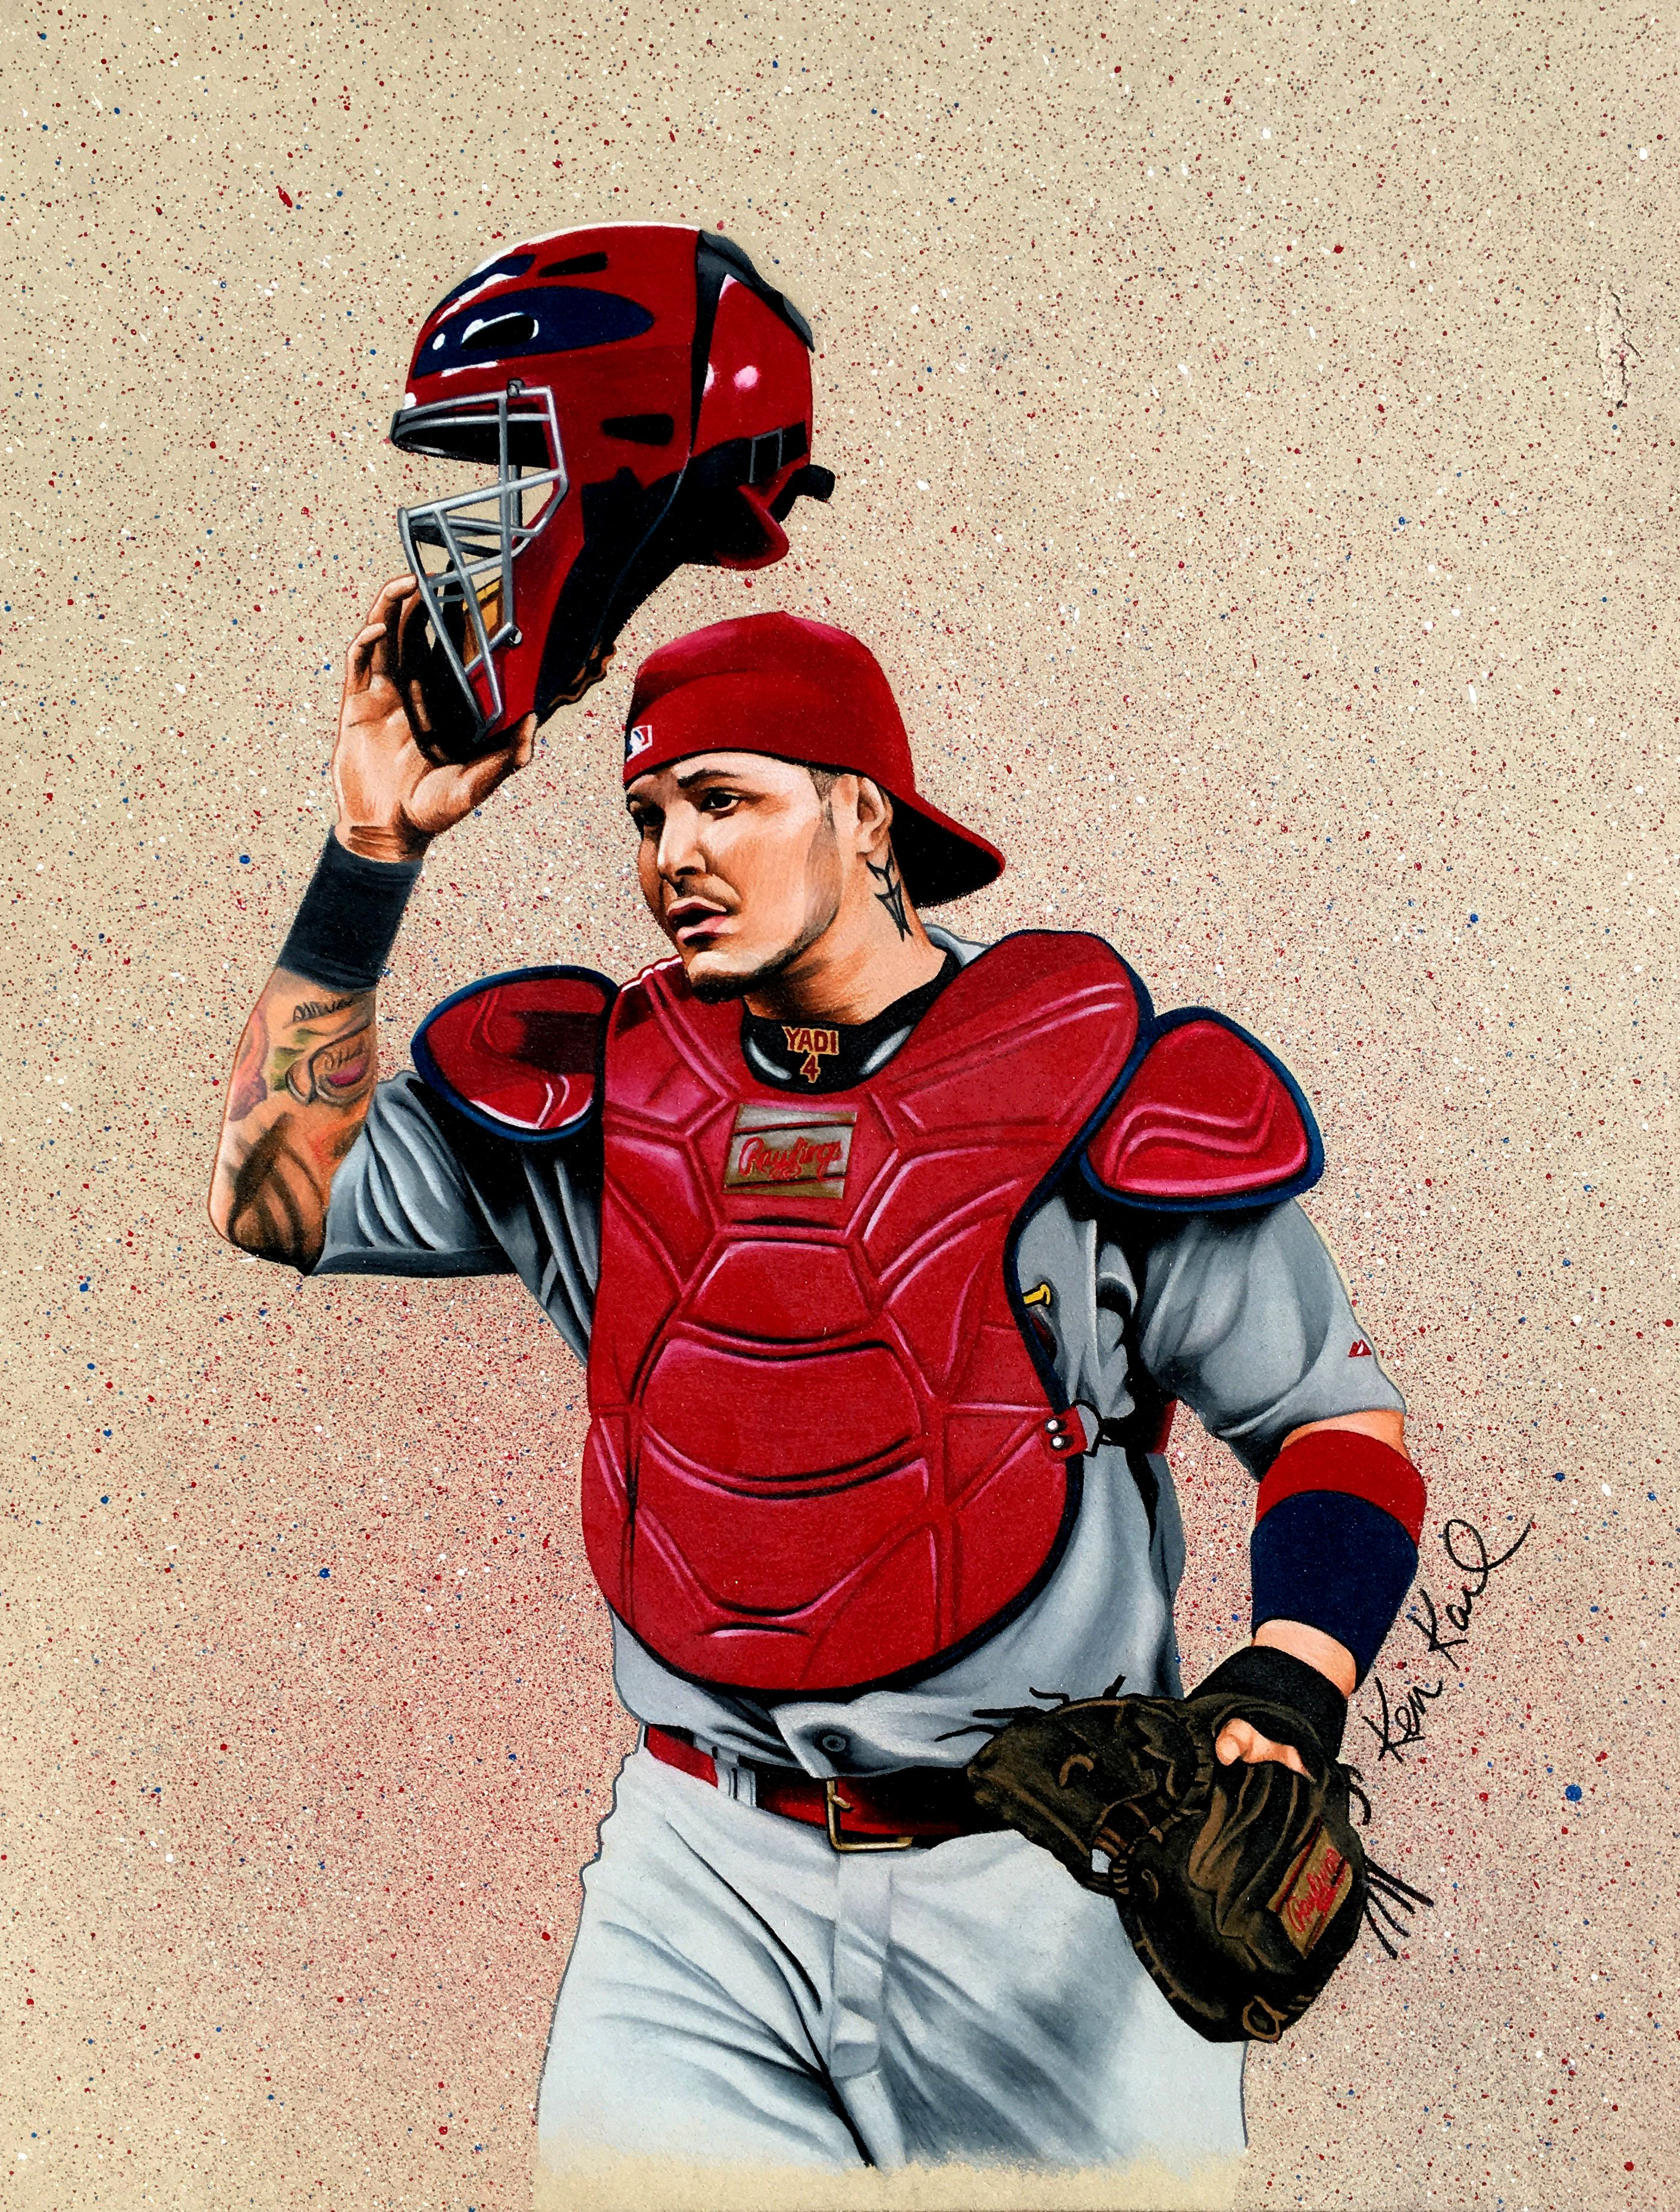 Yadi Molina colored pencil drawing by Ken Karl Sports